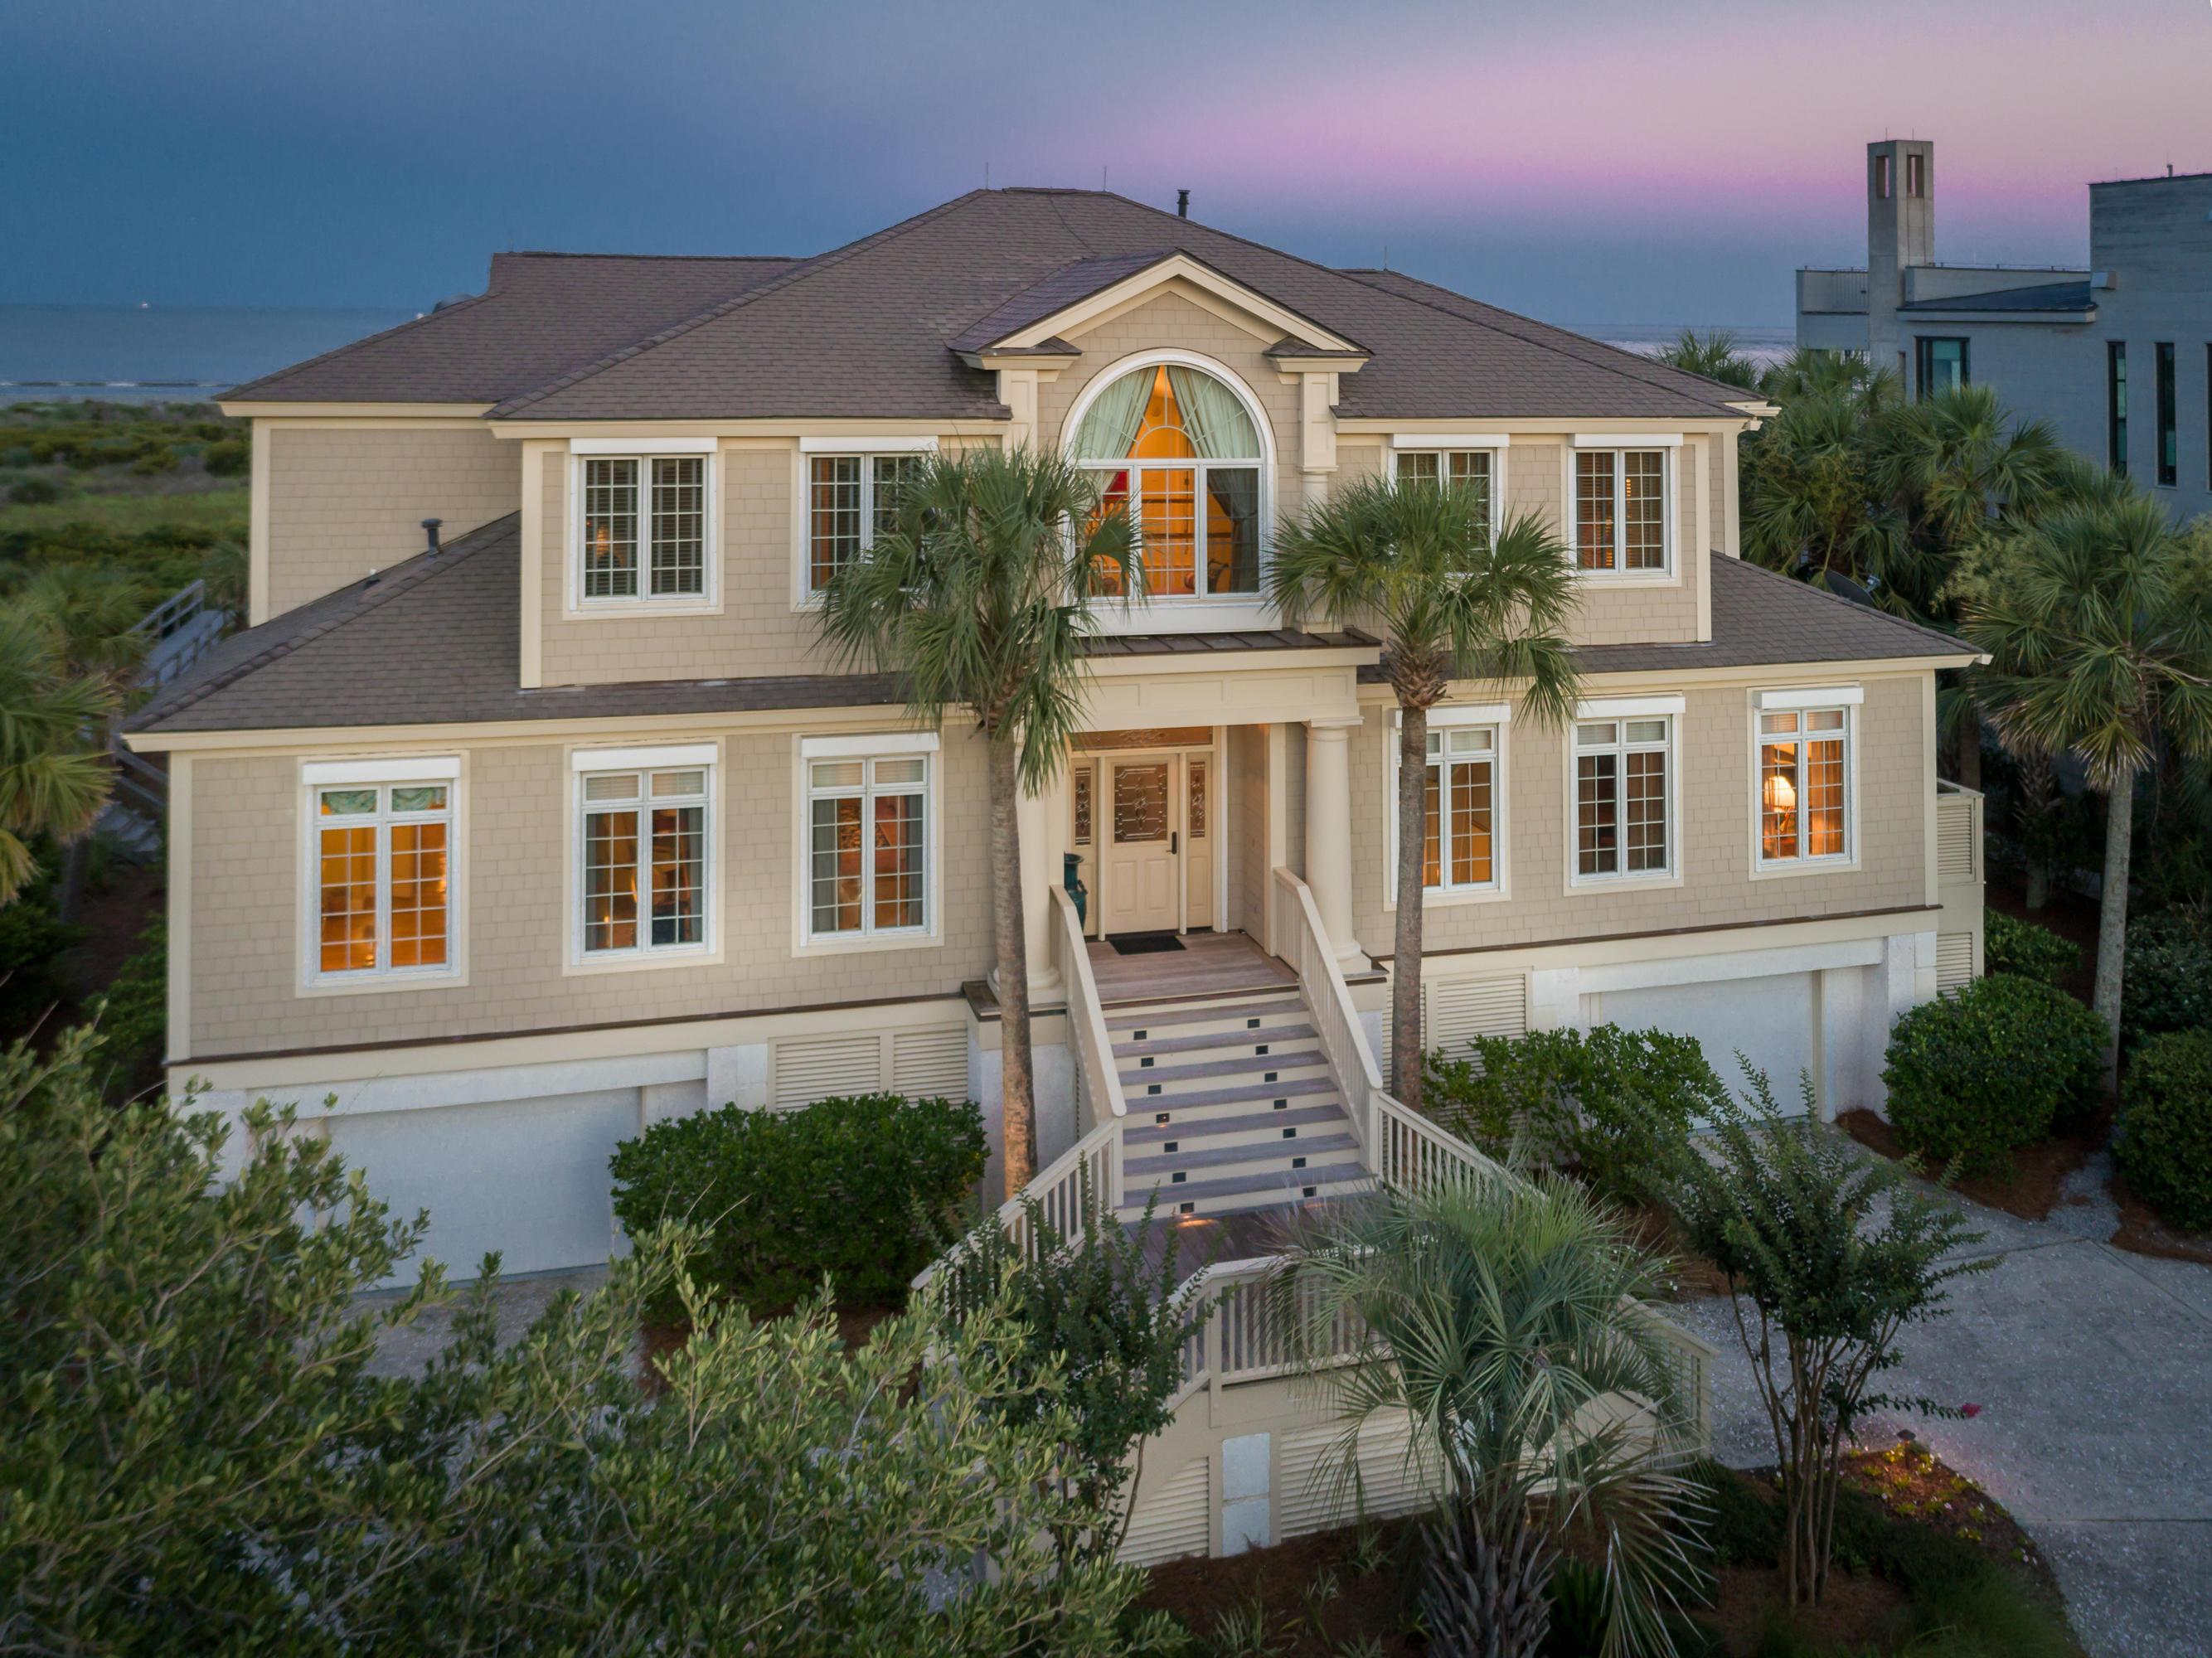 Seabrook Island Homes For Sale - 3640 Pompano, Seabrook Island, SC - 21